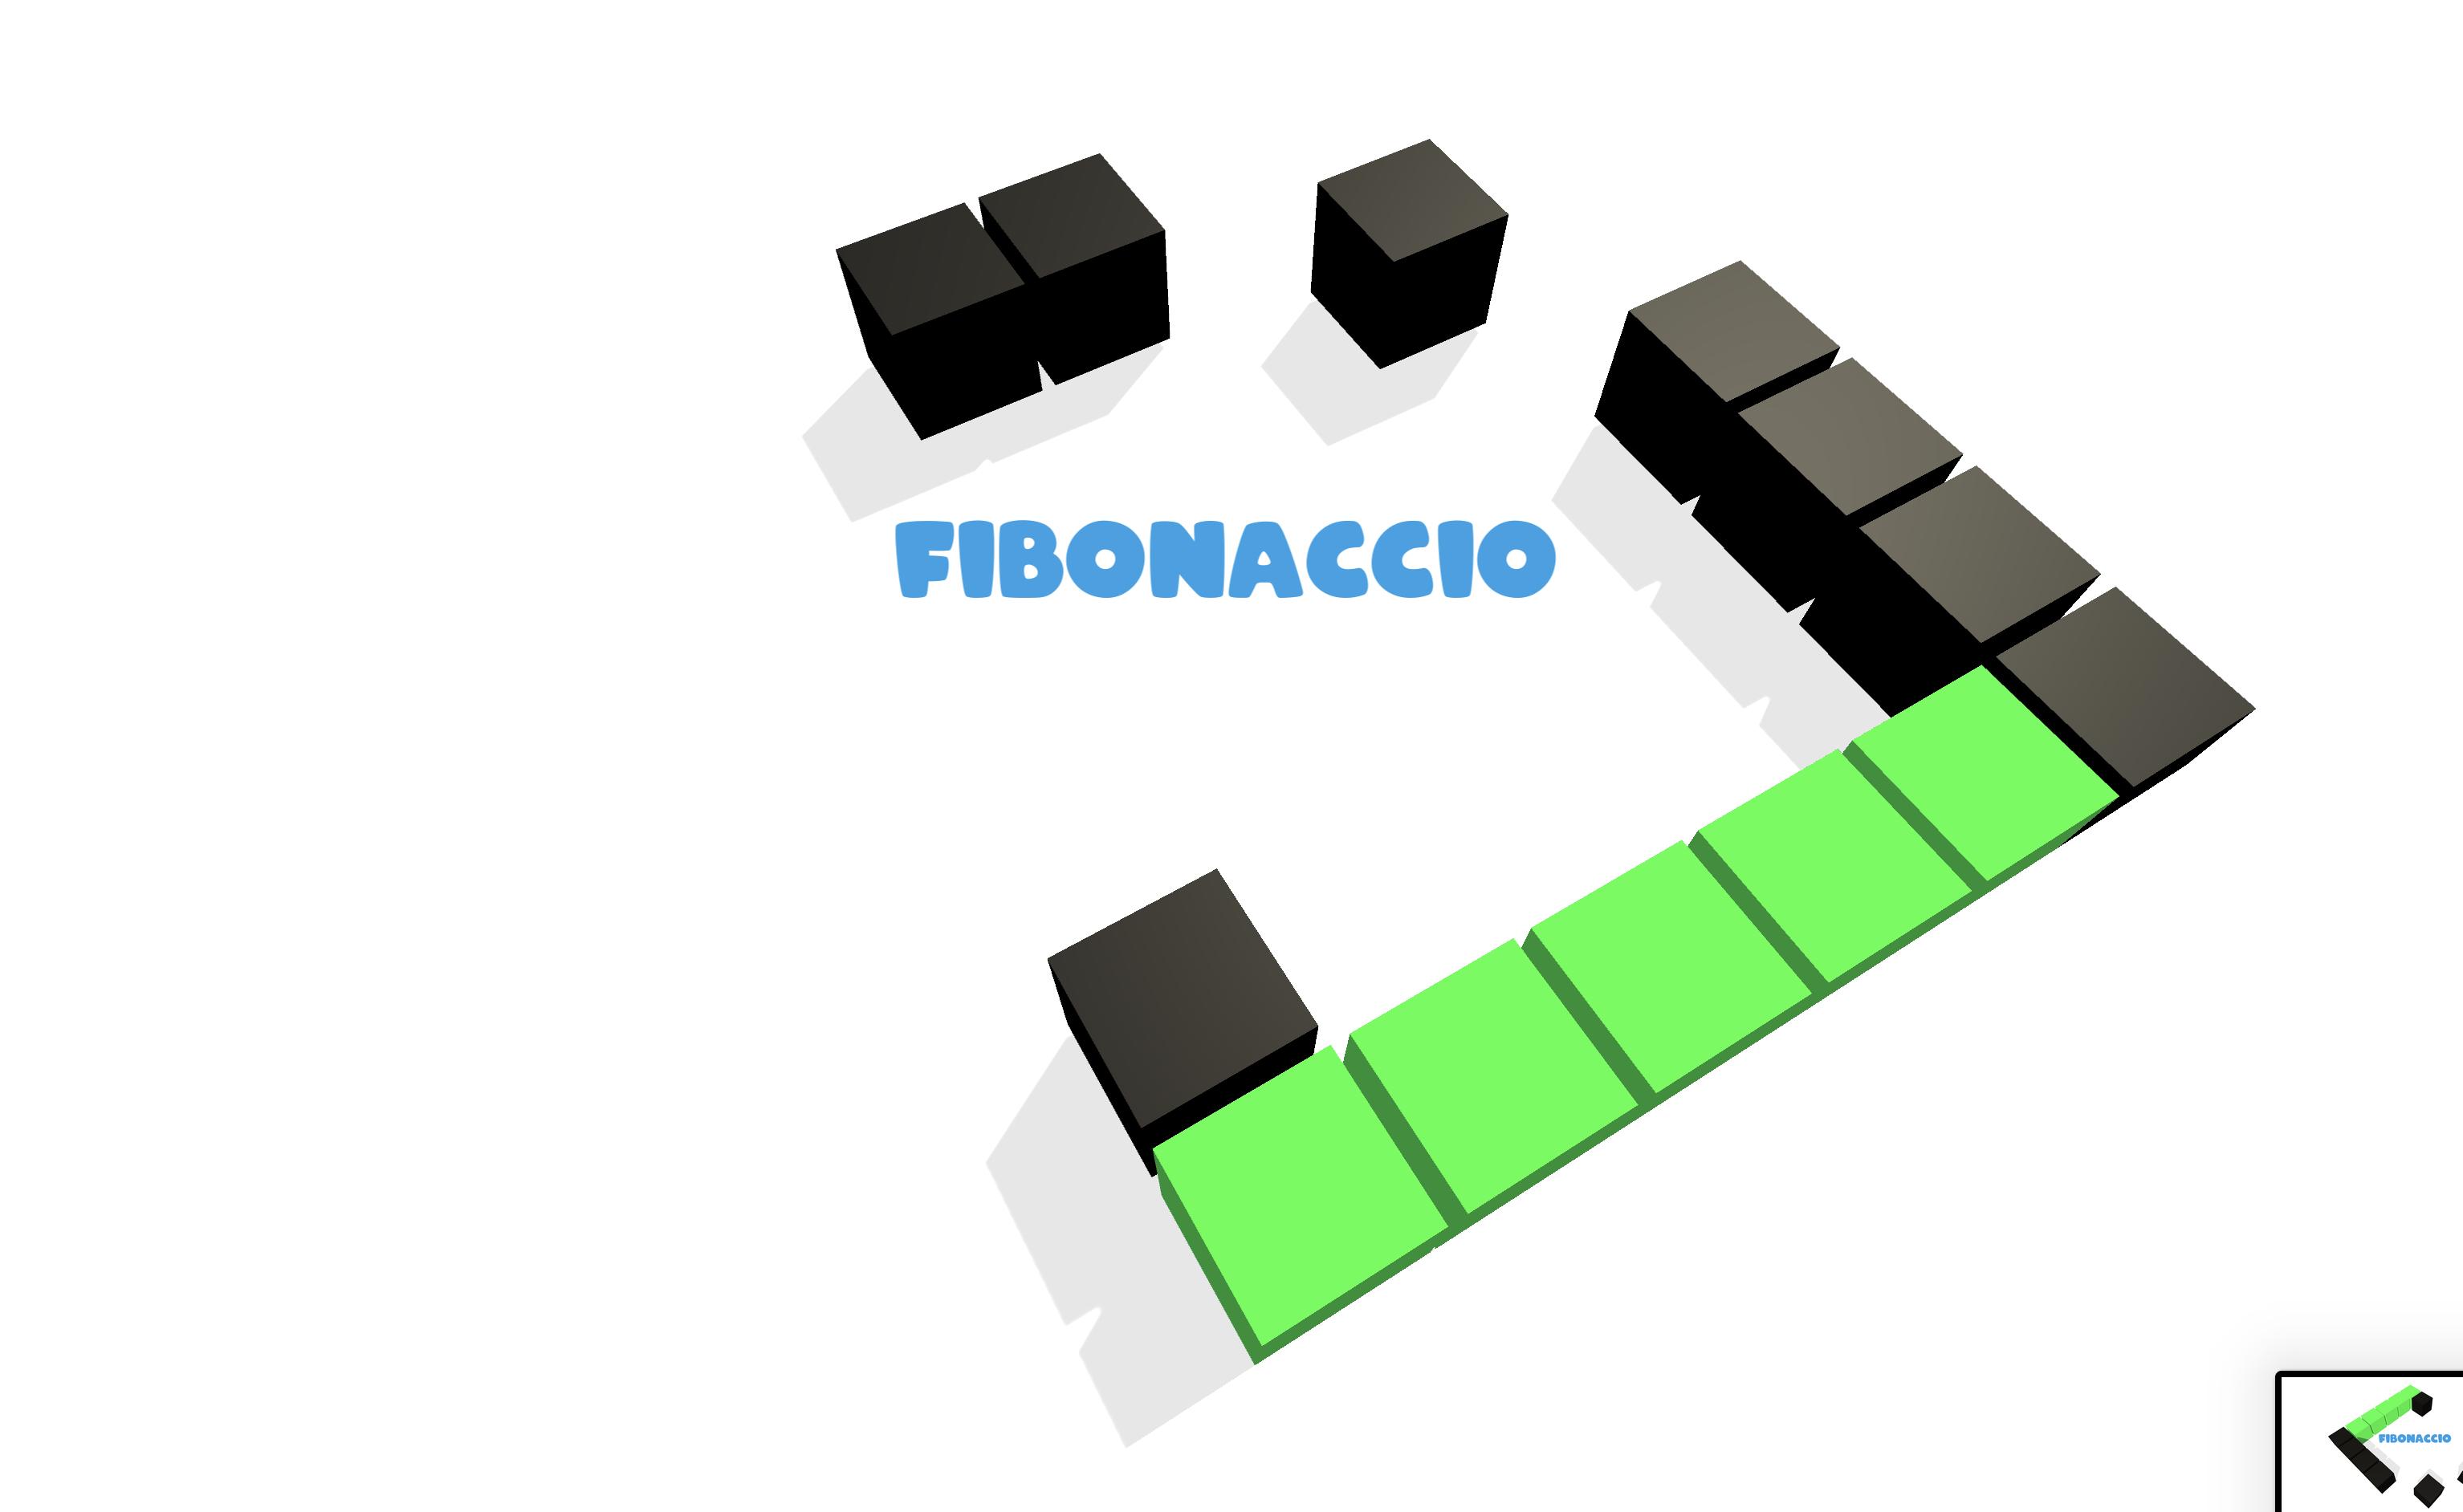 Fibonaccio